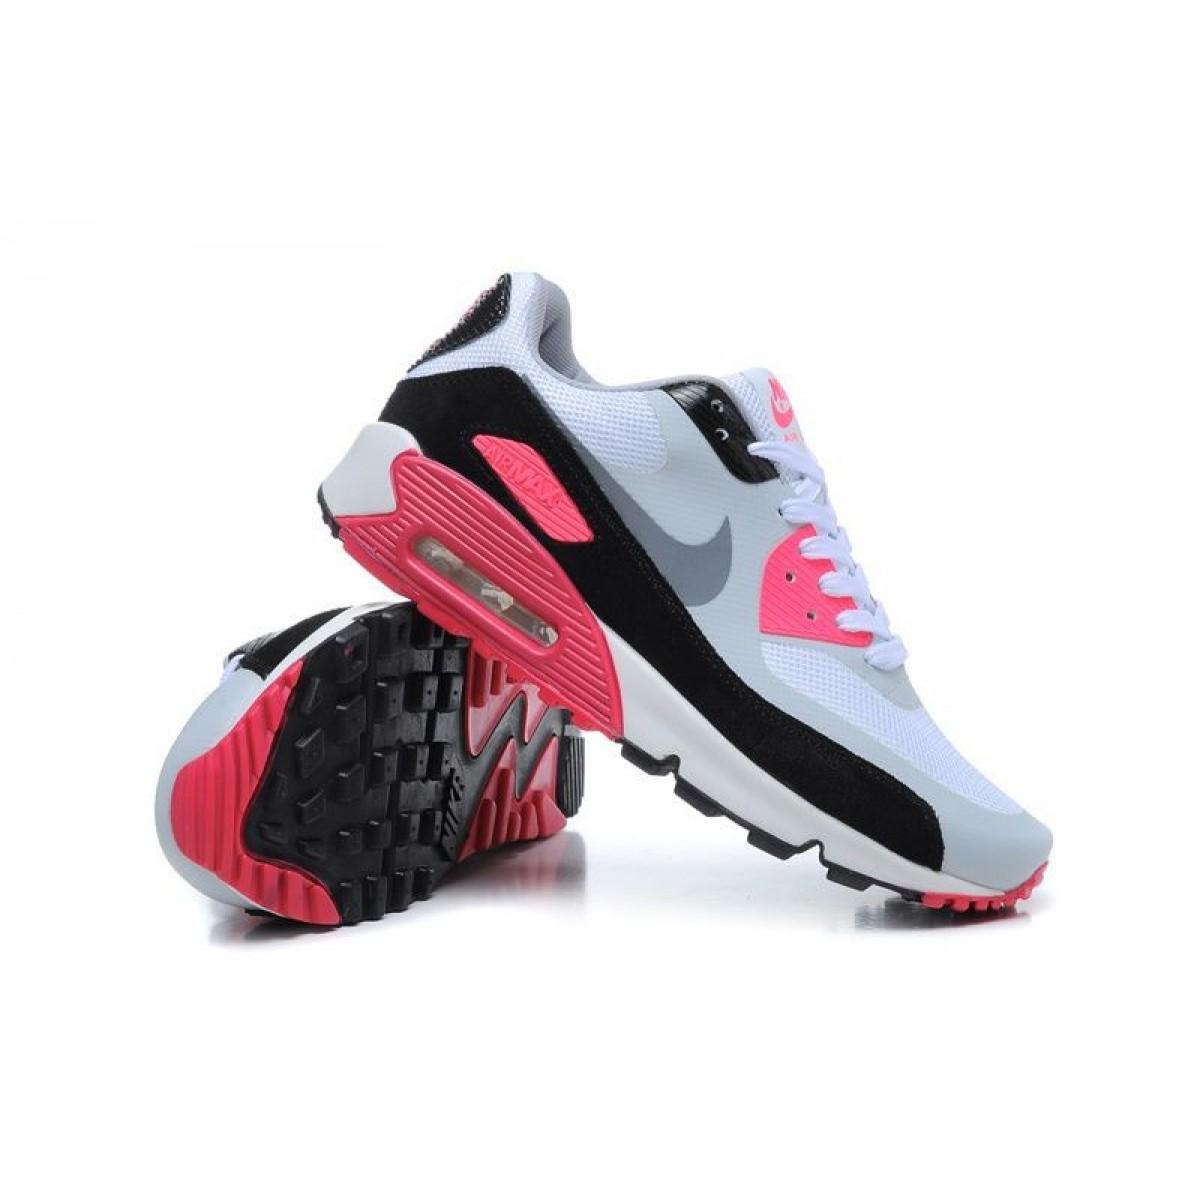 Achat / Vente produits Nike Air Max 90 Femme Rose,Nike Air Max 90 ...